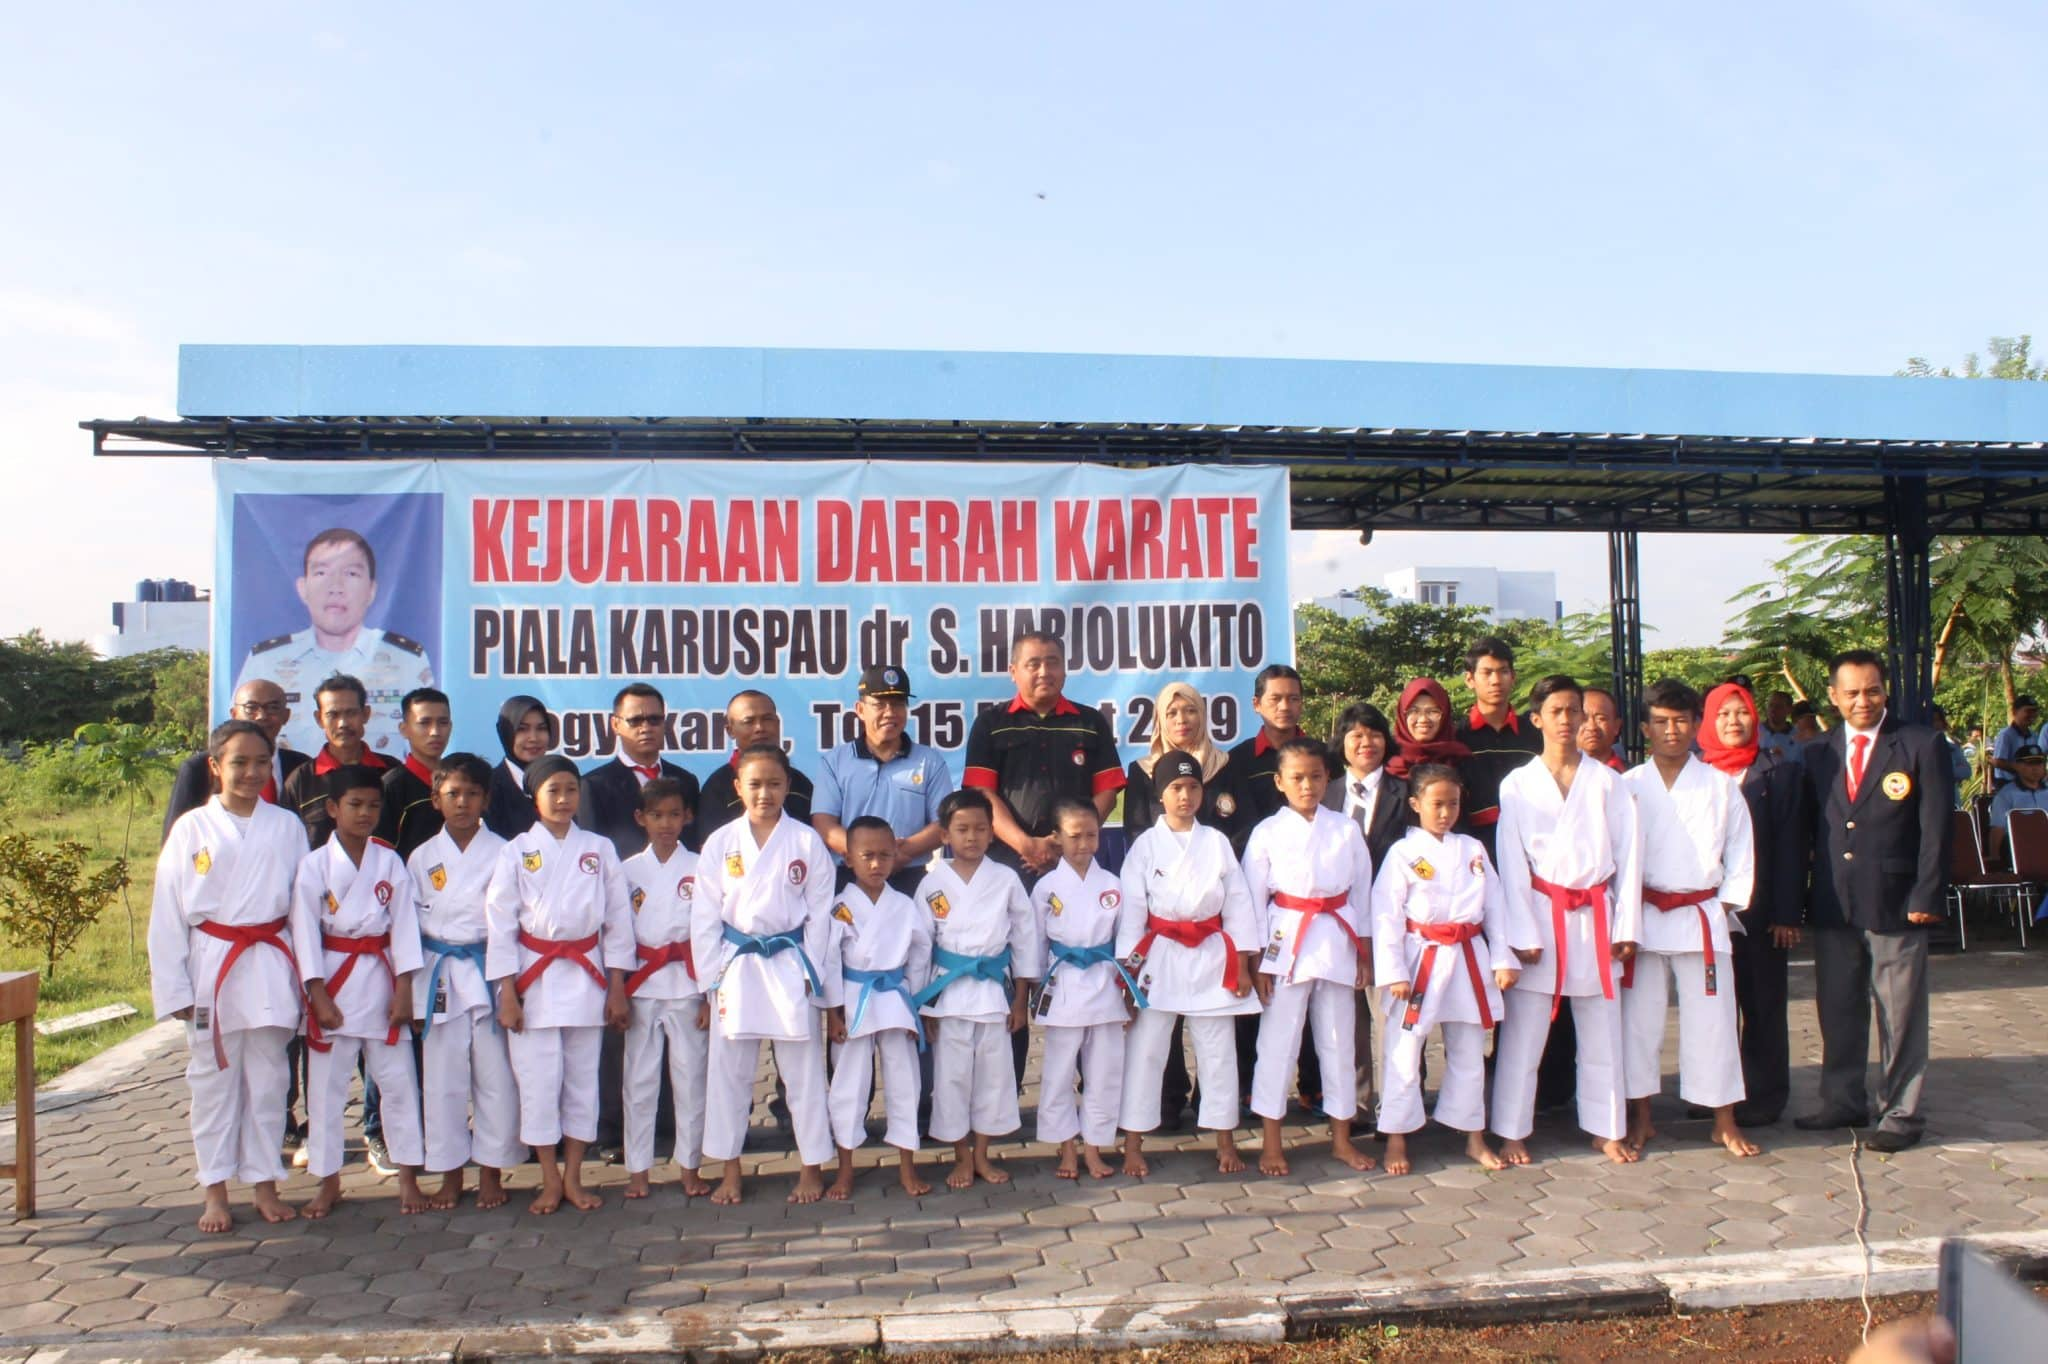 Pembukaan Kejuaraan Karate KA RSPAU Cup 2019